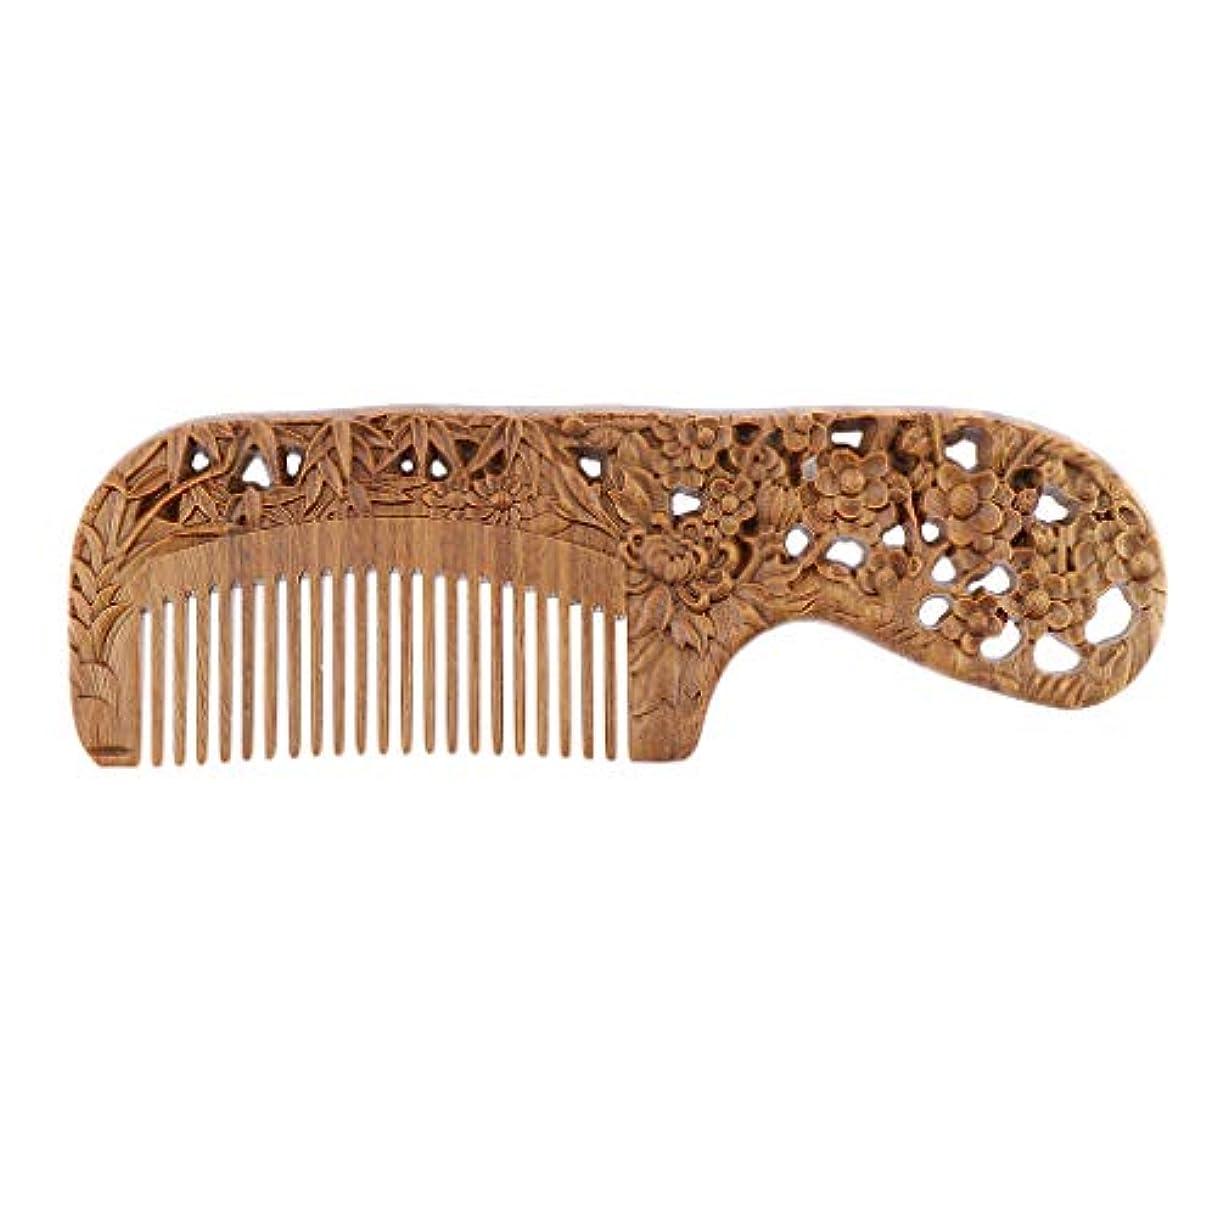 ツインそれる時代遅れ手作り 木製櫛 ヘアブラシ ヘアコーム 頭皮マッサージ レトロ 4タイプ選べ - 17.8 x 5.6 x 11.5 cm